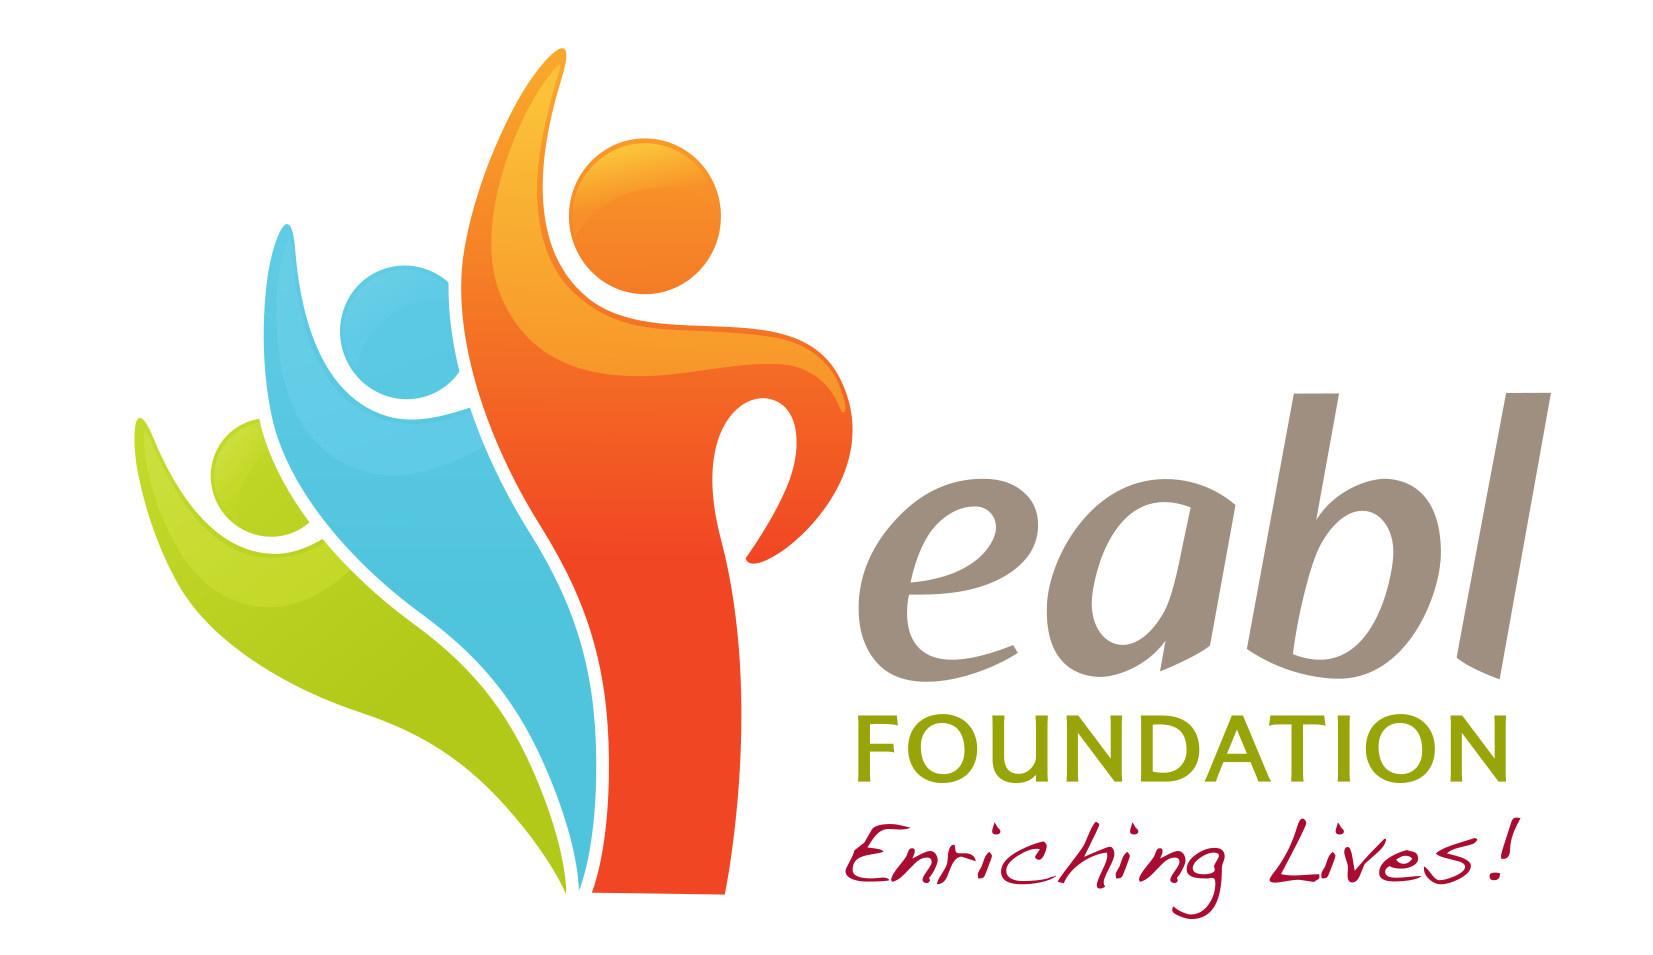 EABL Foundation Logo